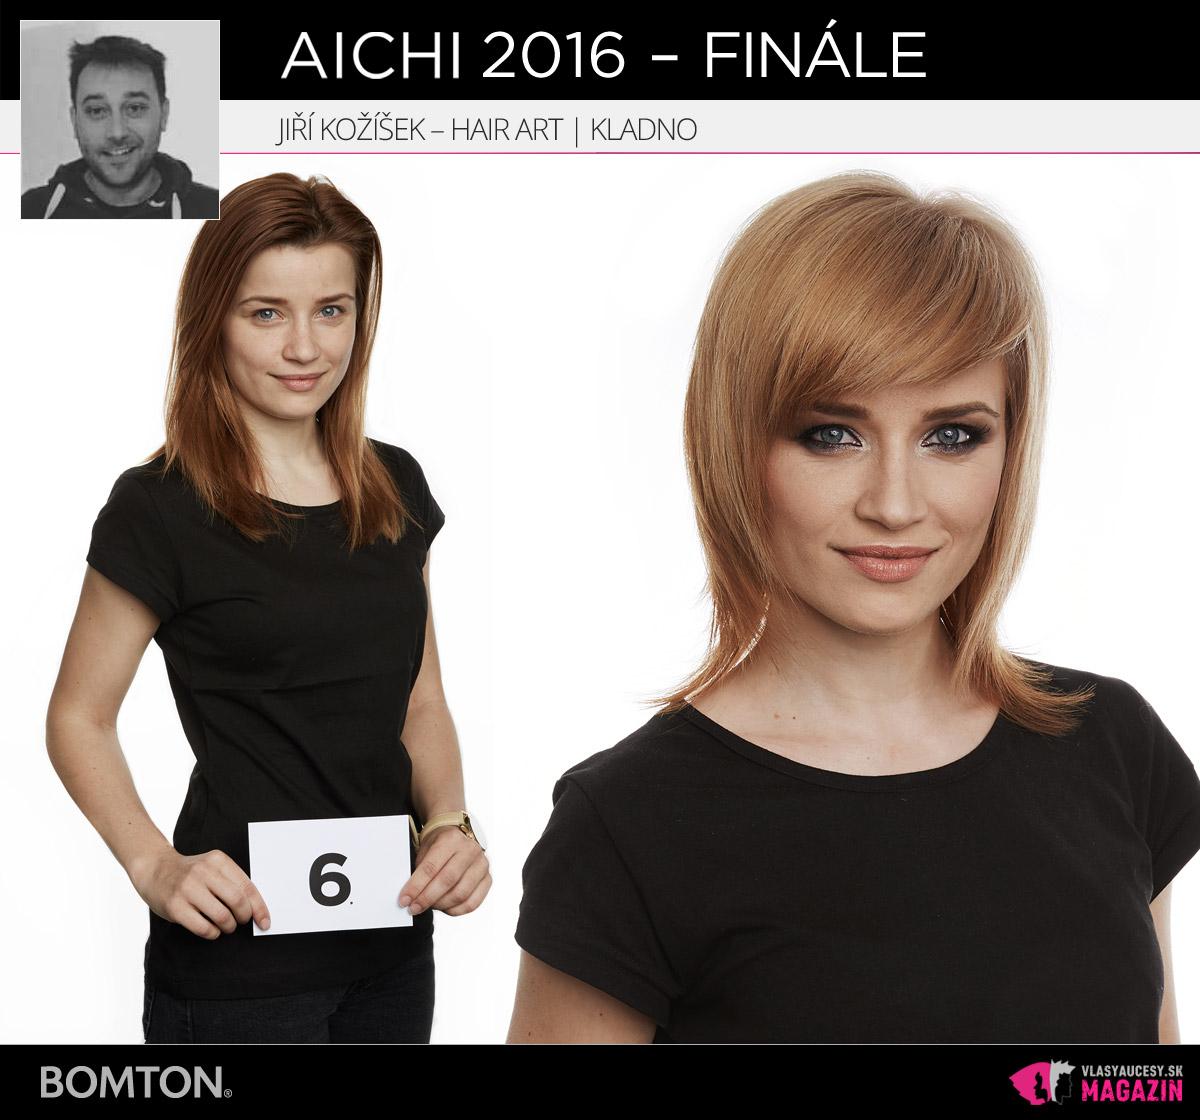 Jiří Kožíšek – Hair Art Jiří Kožíšek, Kladno | Premeny AICHI 2016 – postupujúci do finálového kola